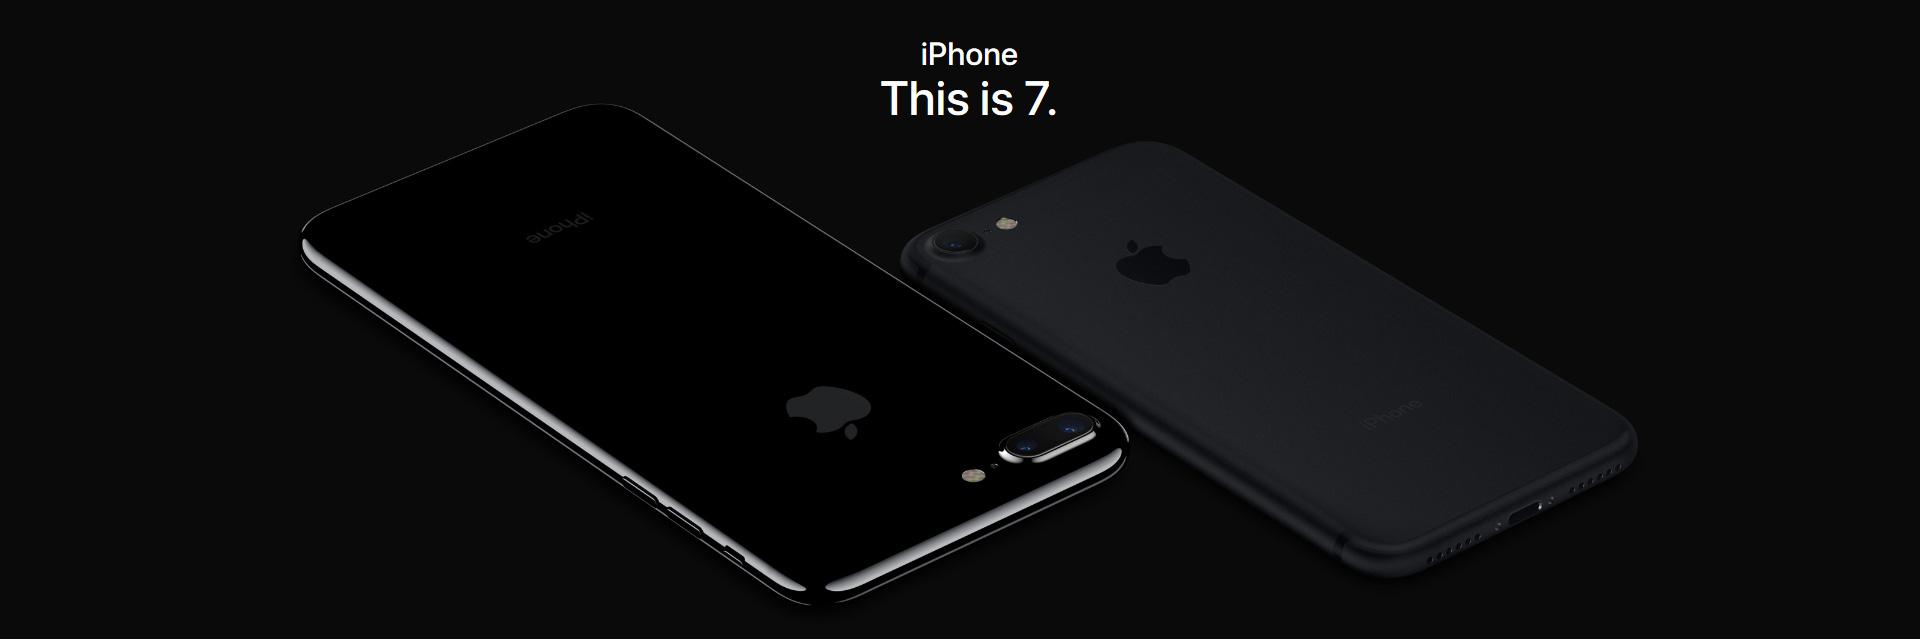 Magazin Online iPhone Apple Reseller - Smart Bizz